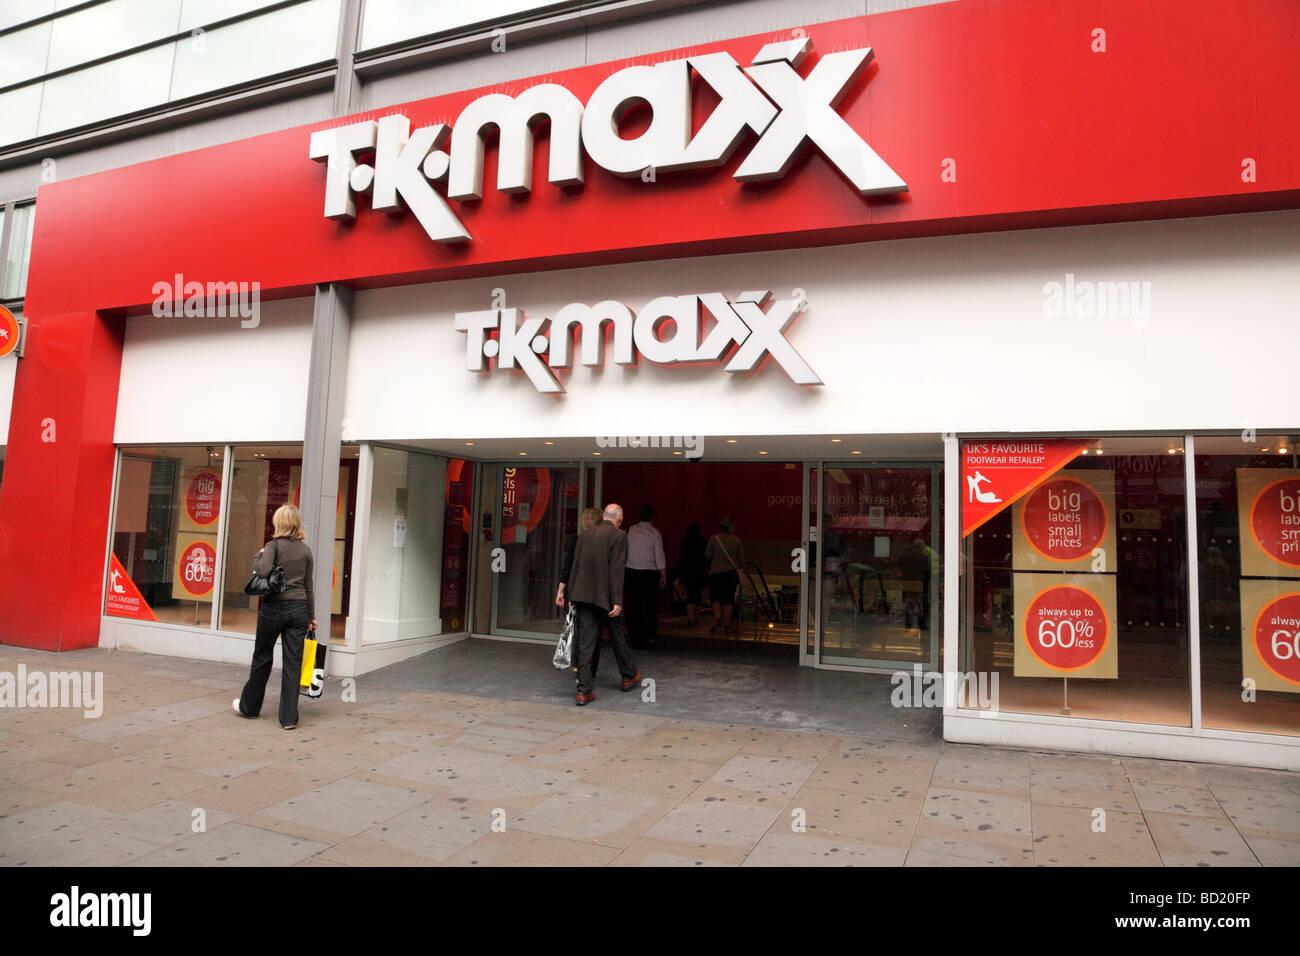 Tj maxx shop online